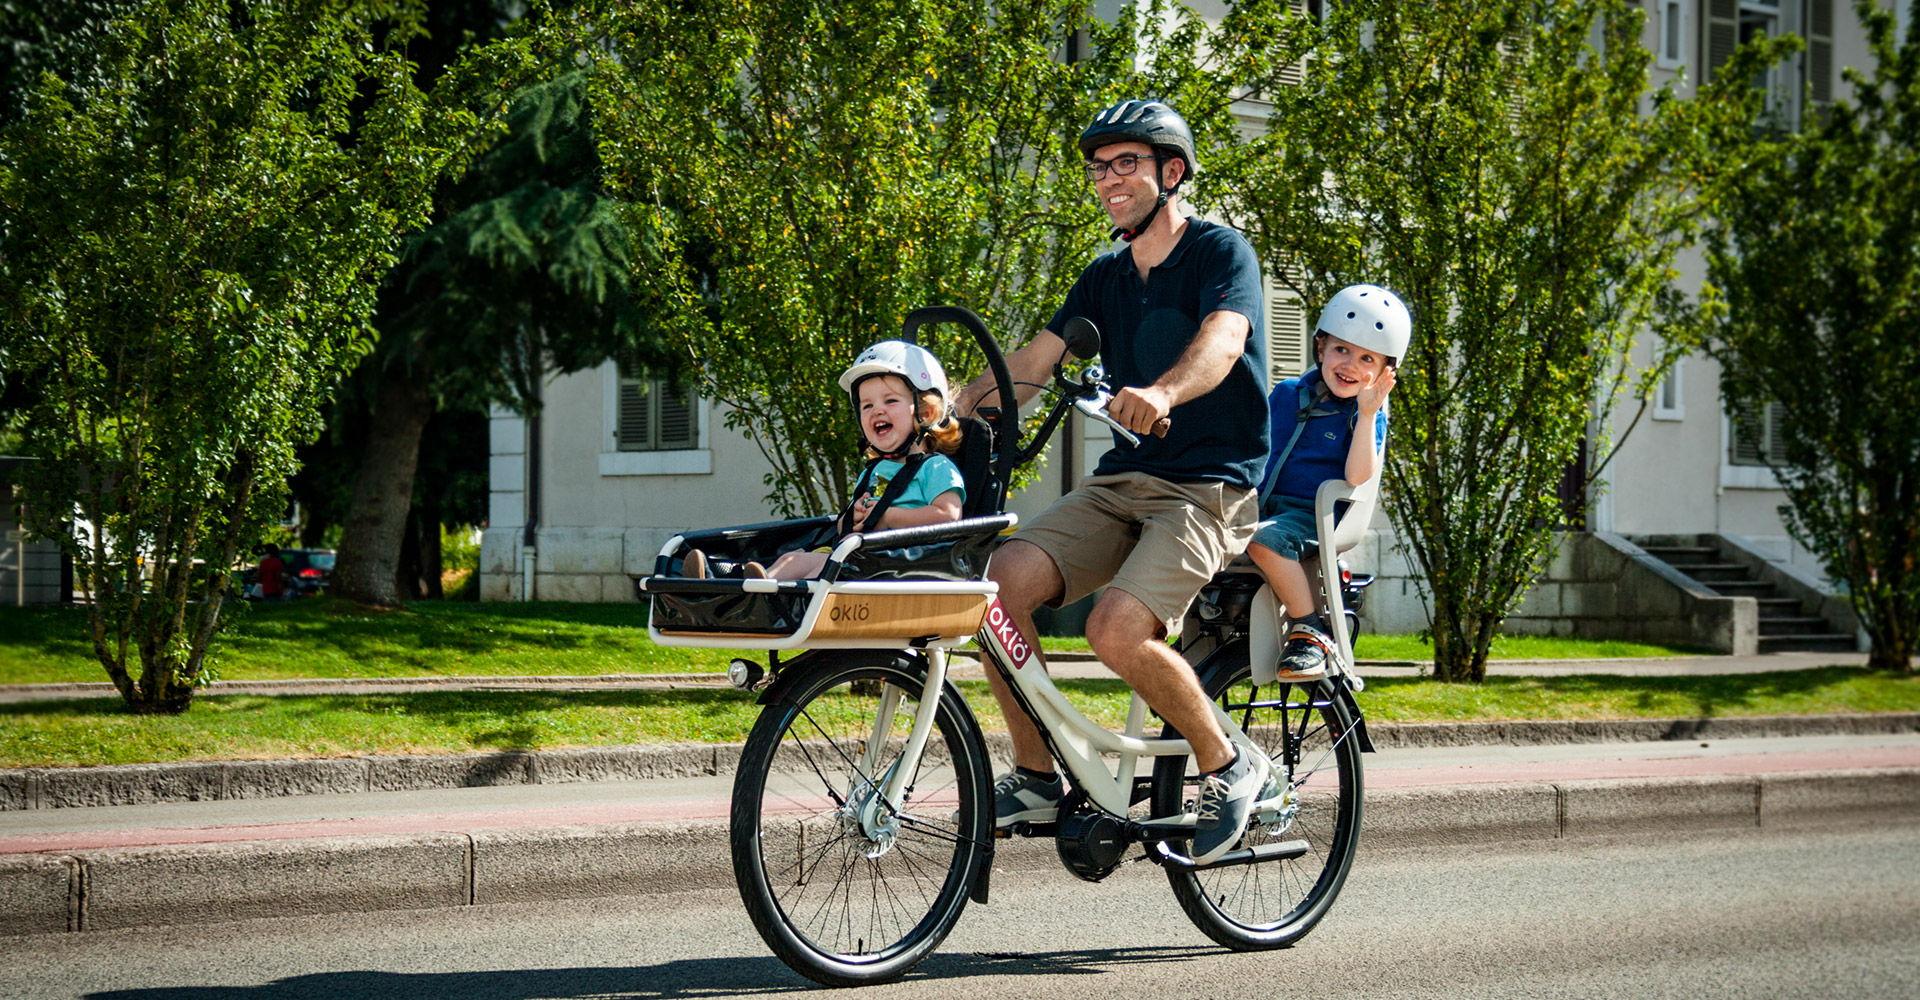 Familéö : vélo familial pour transporter jusqu'à 2 enfants